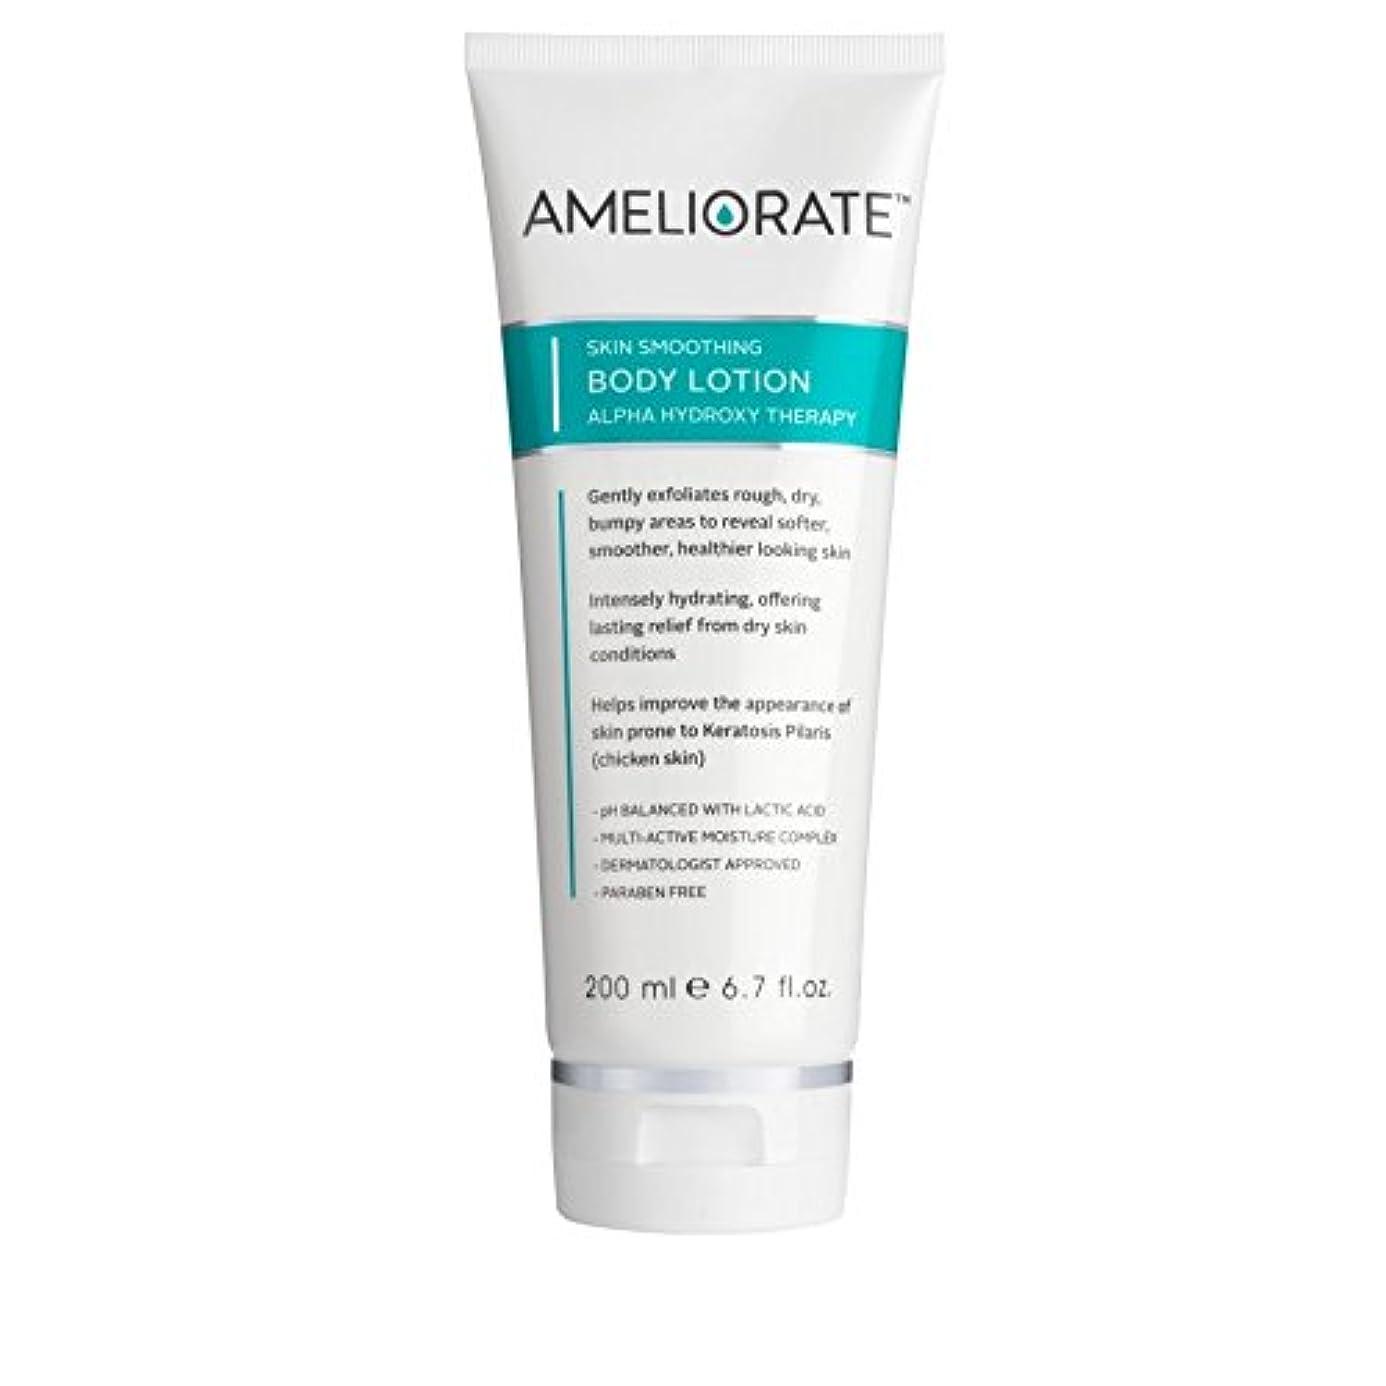 利点ベールスーパーAmeliorate Skin Smoothing Body Lotion 200ml - ボディローション200ミリリットルを滑らかに肌を改善 [並行輸入品]